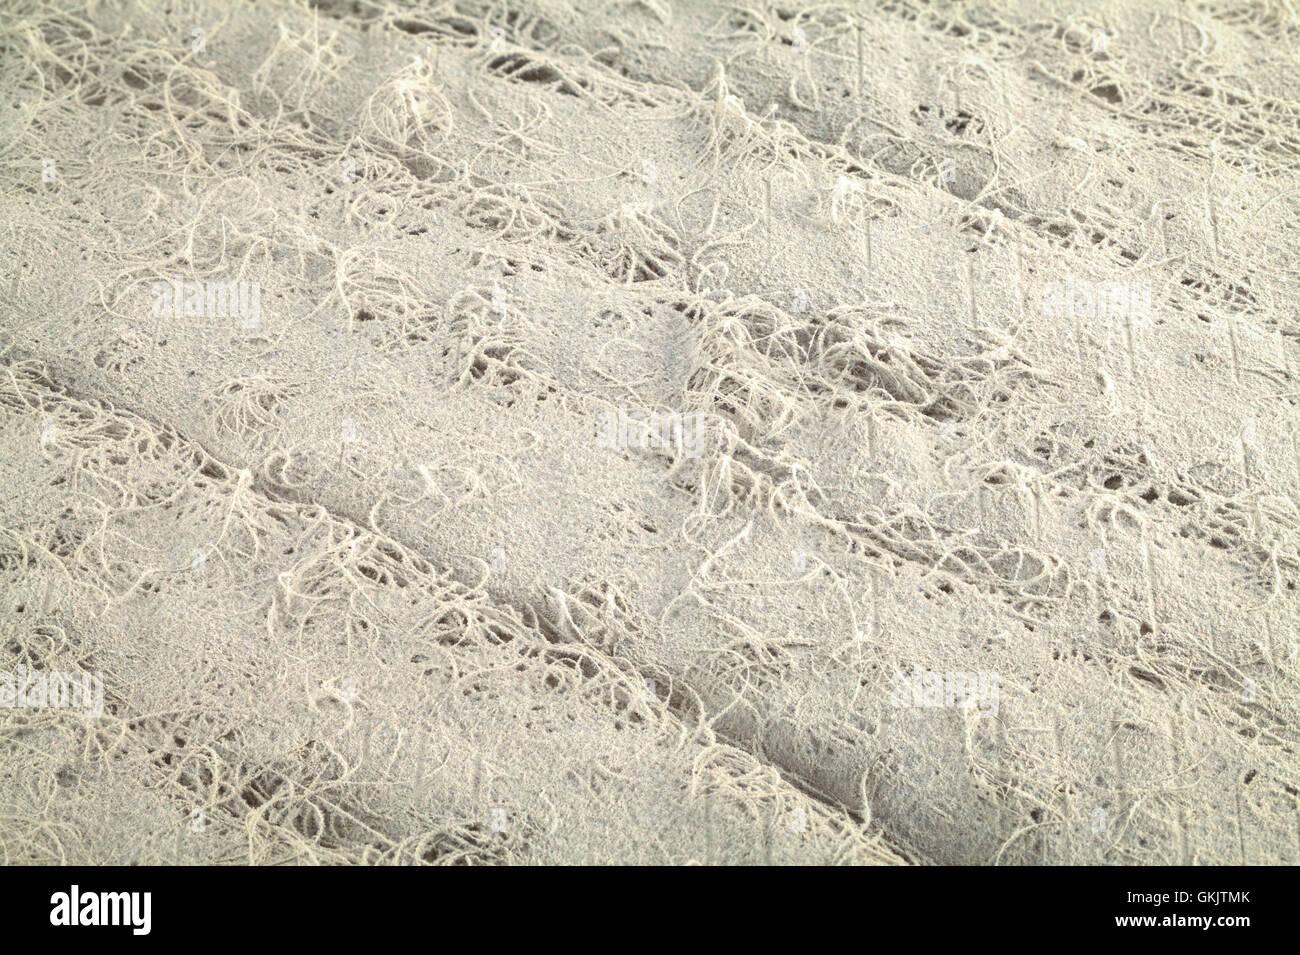 Conducto sucios y polvorientos gris Filtro de textura de fondo. Imagen De Stock